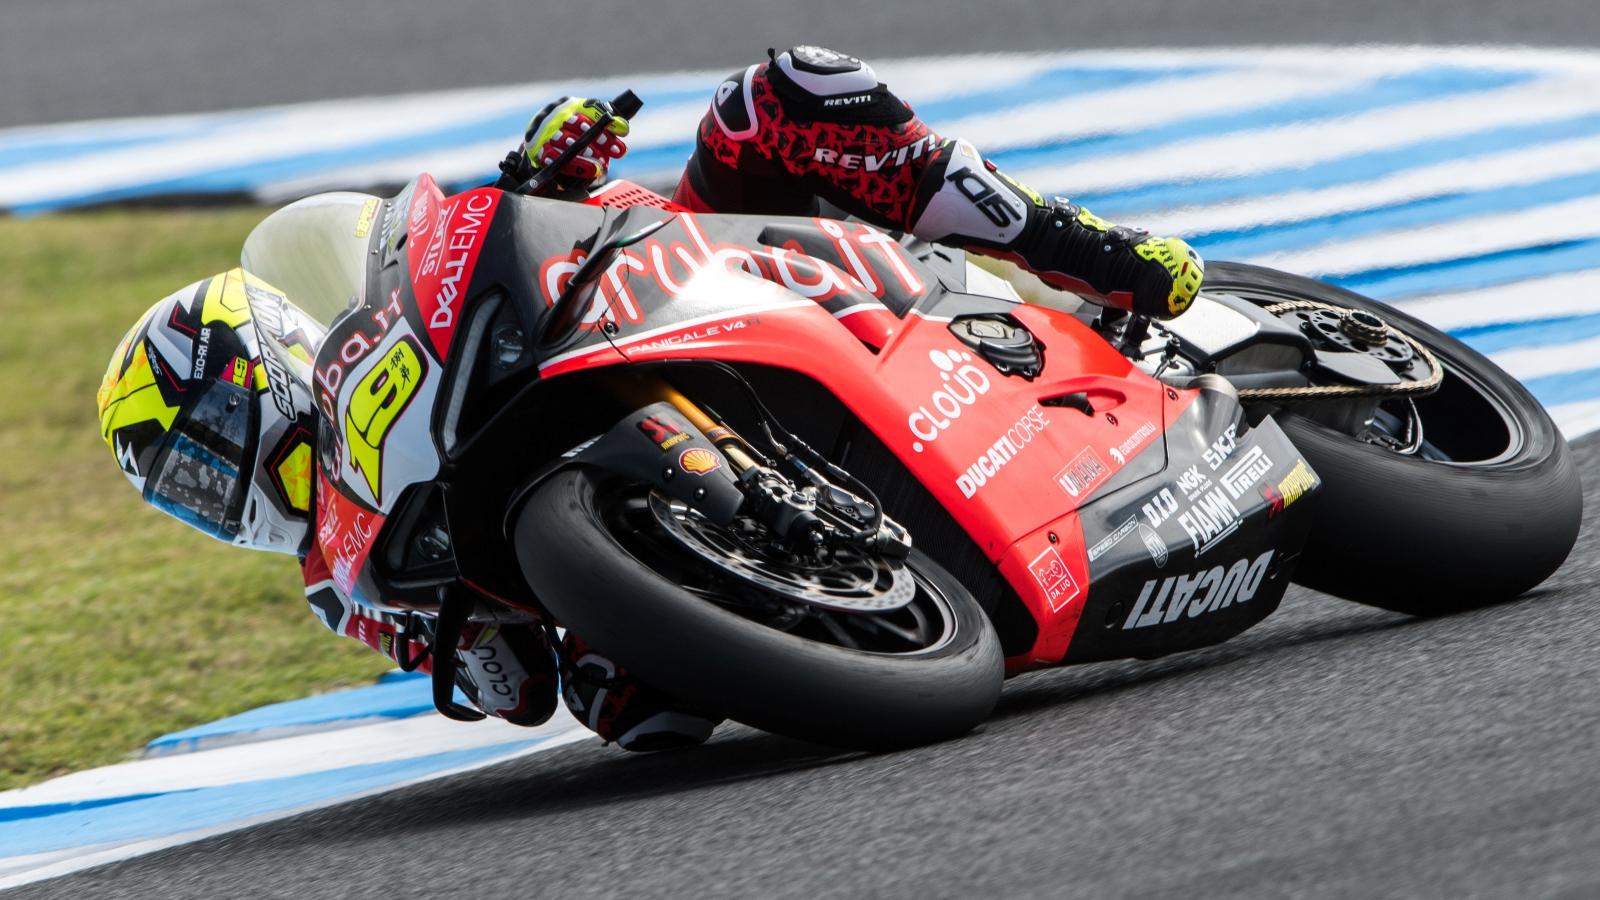 MotoGP rejuvenece y Superbike envejece en 2019